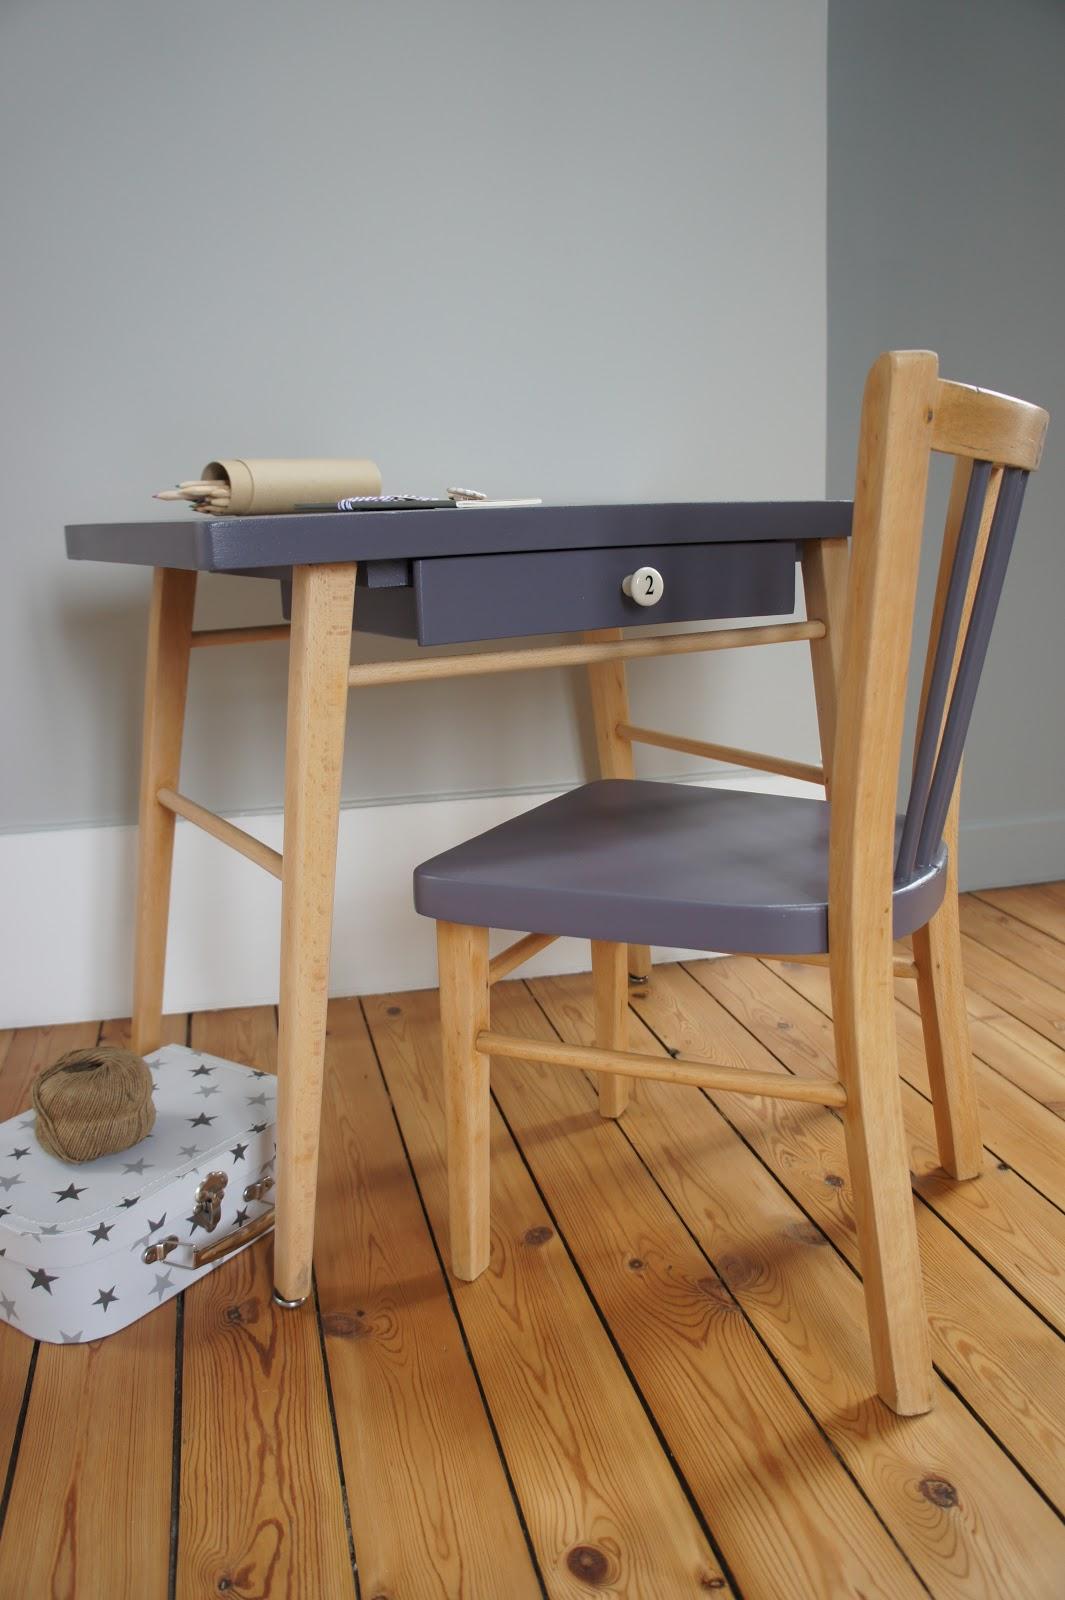 atelier petit toit meubles r alis s sur commande mars 13. Black Bedroom Furniture Sets. Home Design Ideas